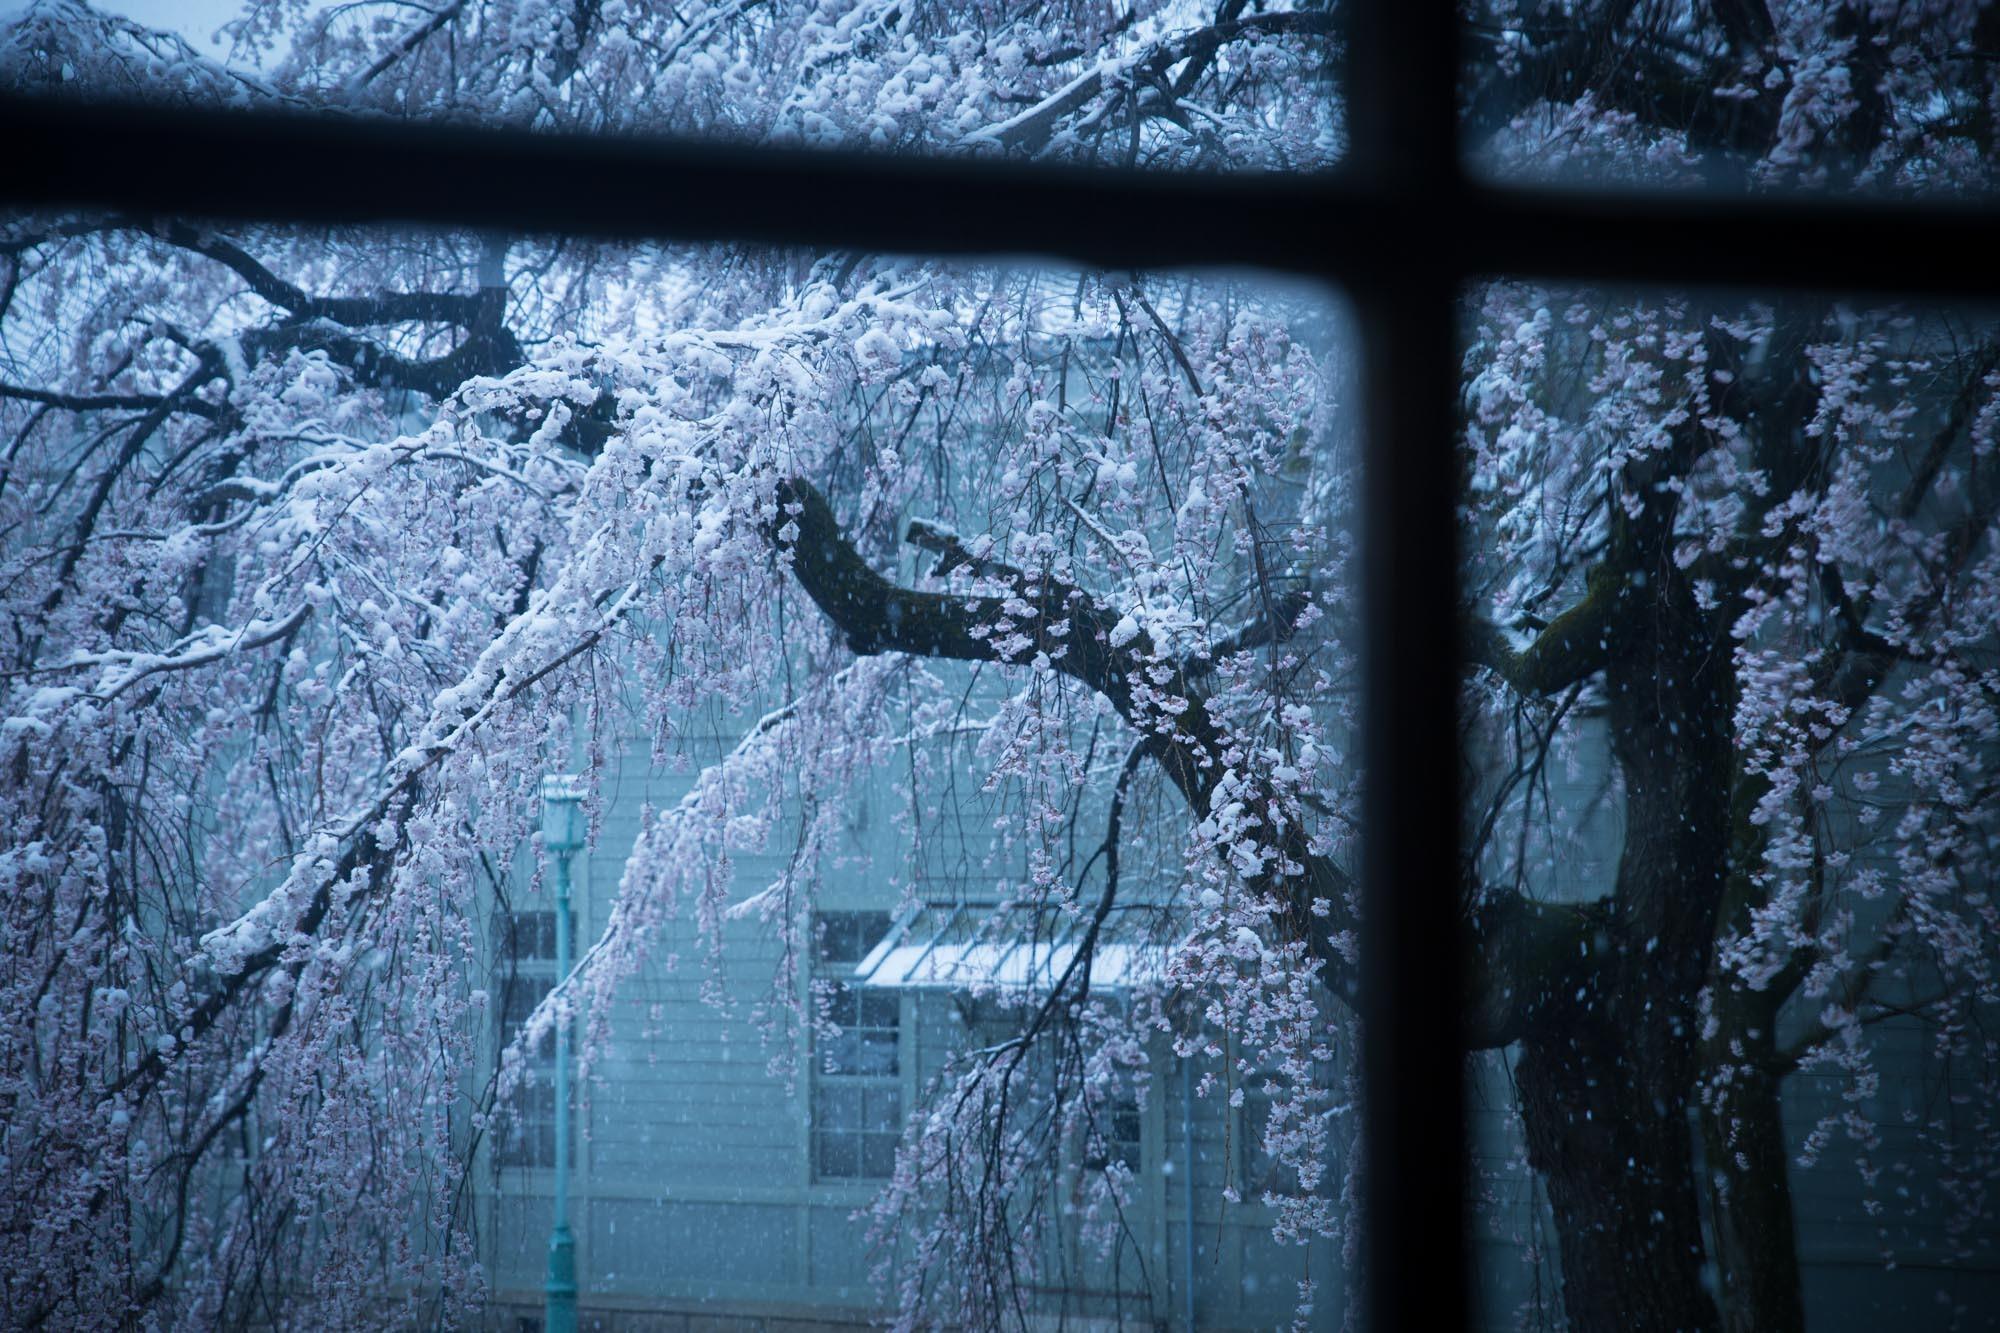 なごり雪の窓辺~あがたの森の枝垂桜~_d0349418_20475086.jpg